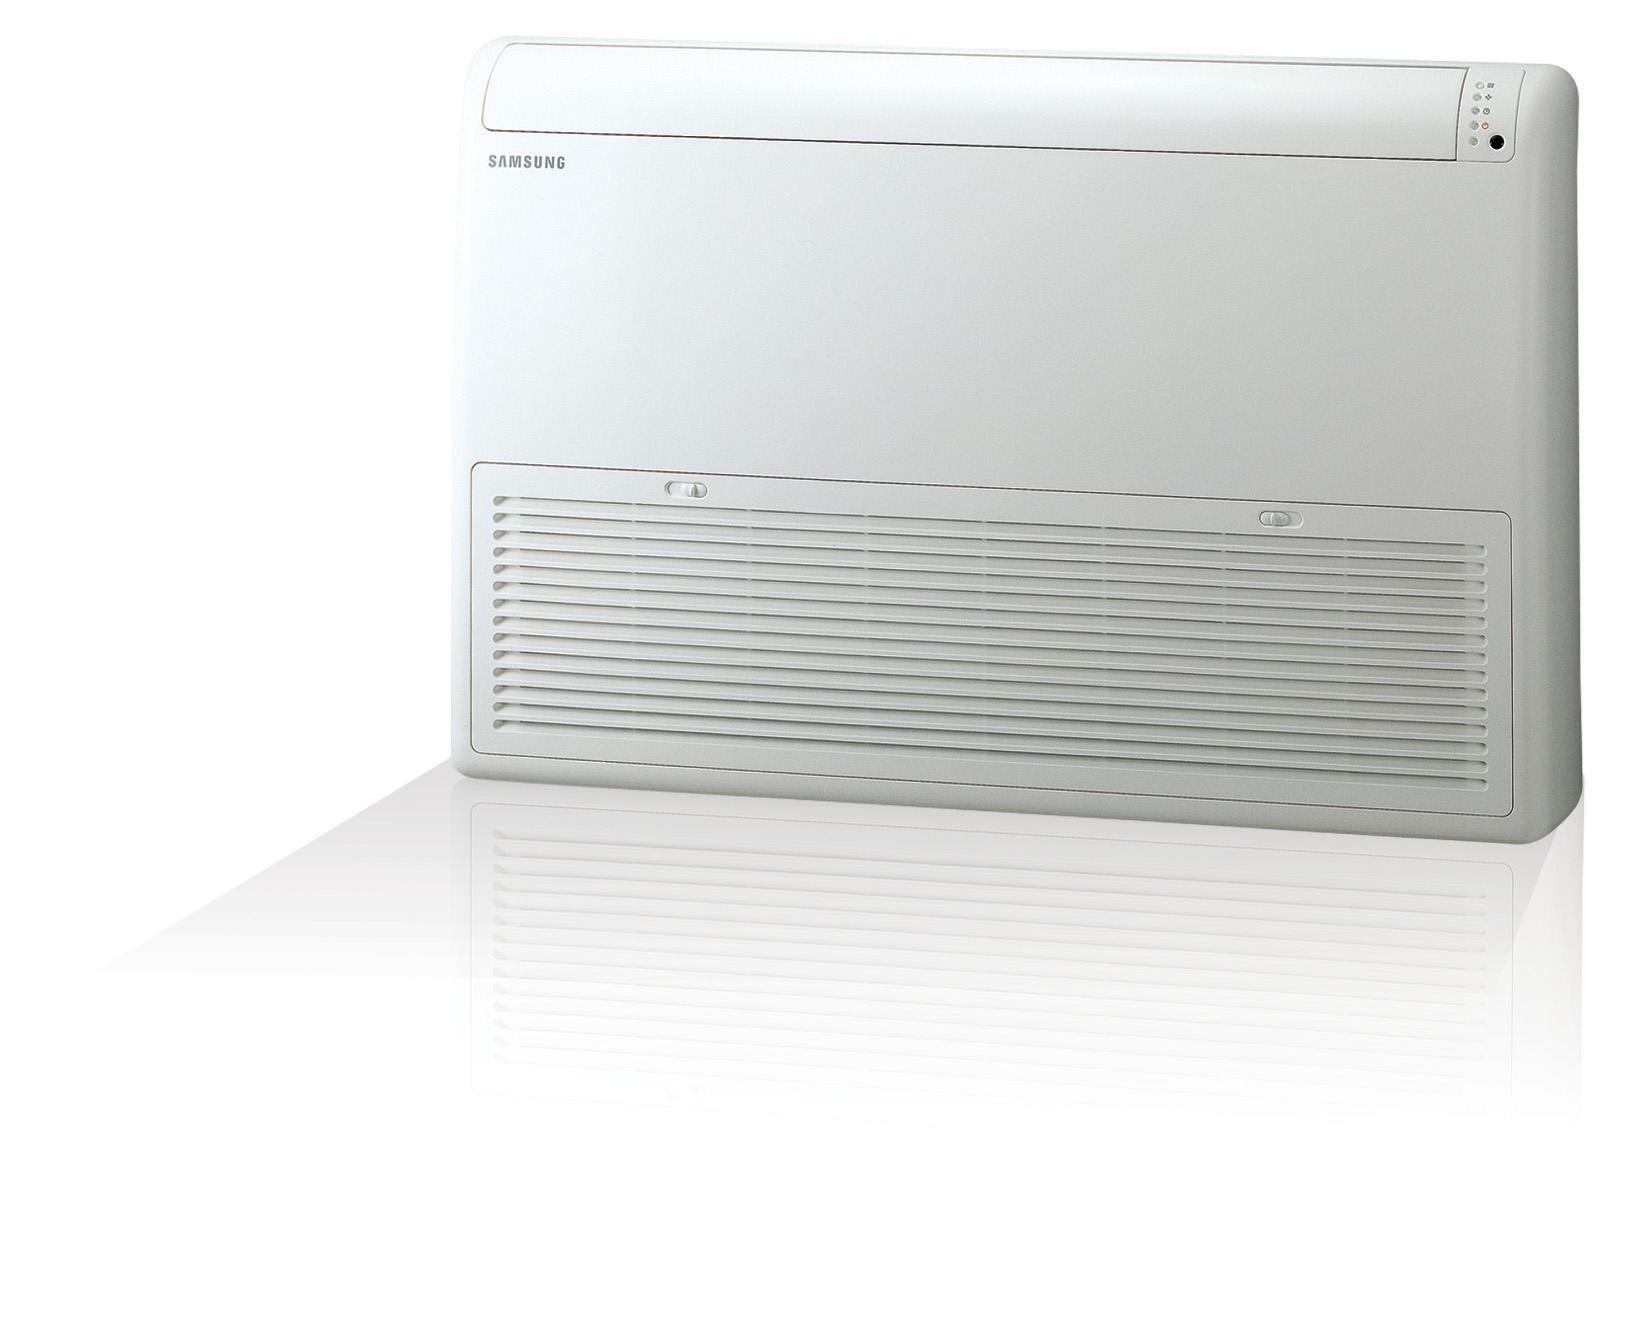 Verwarmen en koelen met een Samsung vloer plafond model warmtepomp airconditioning